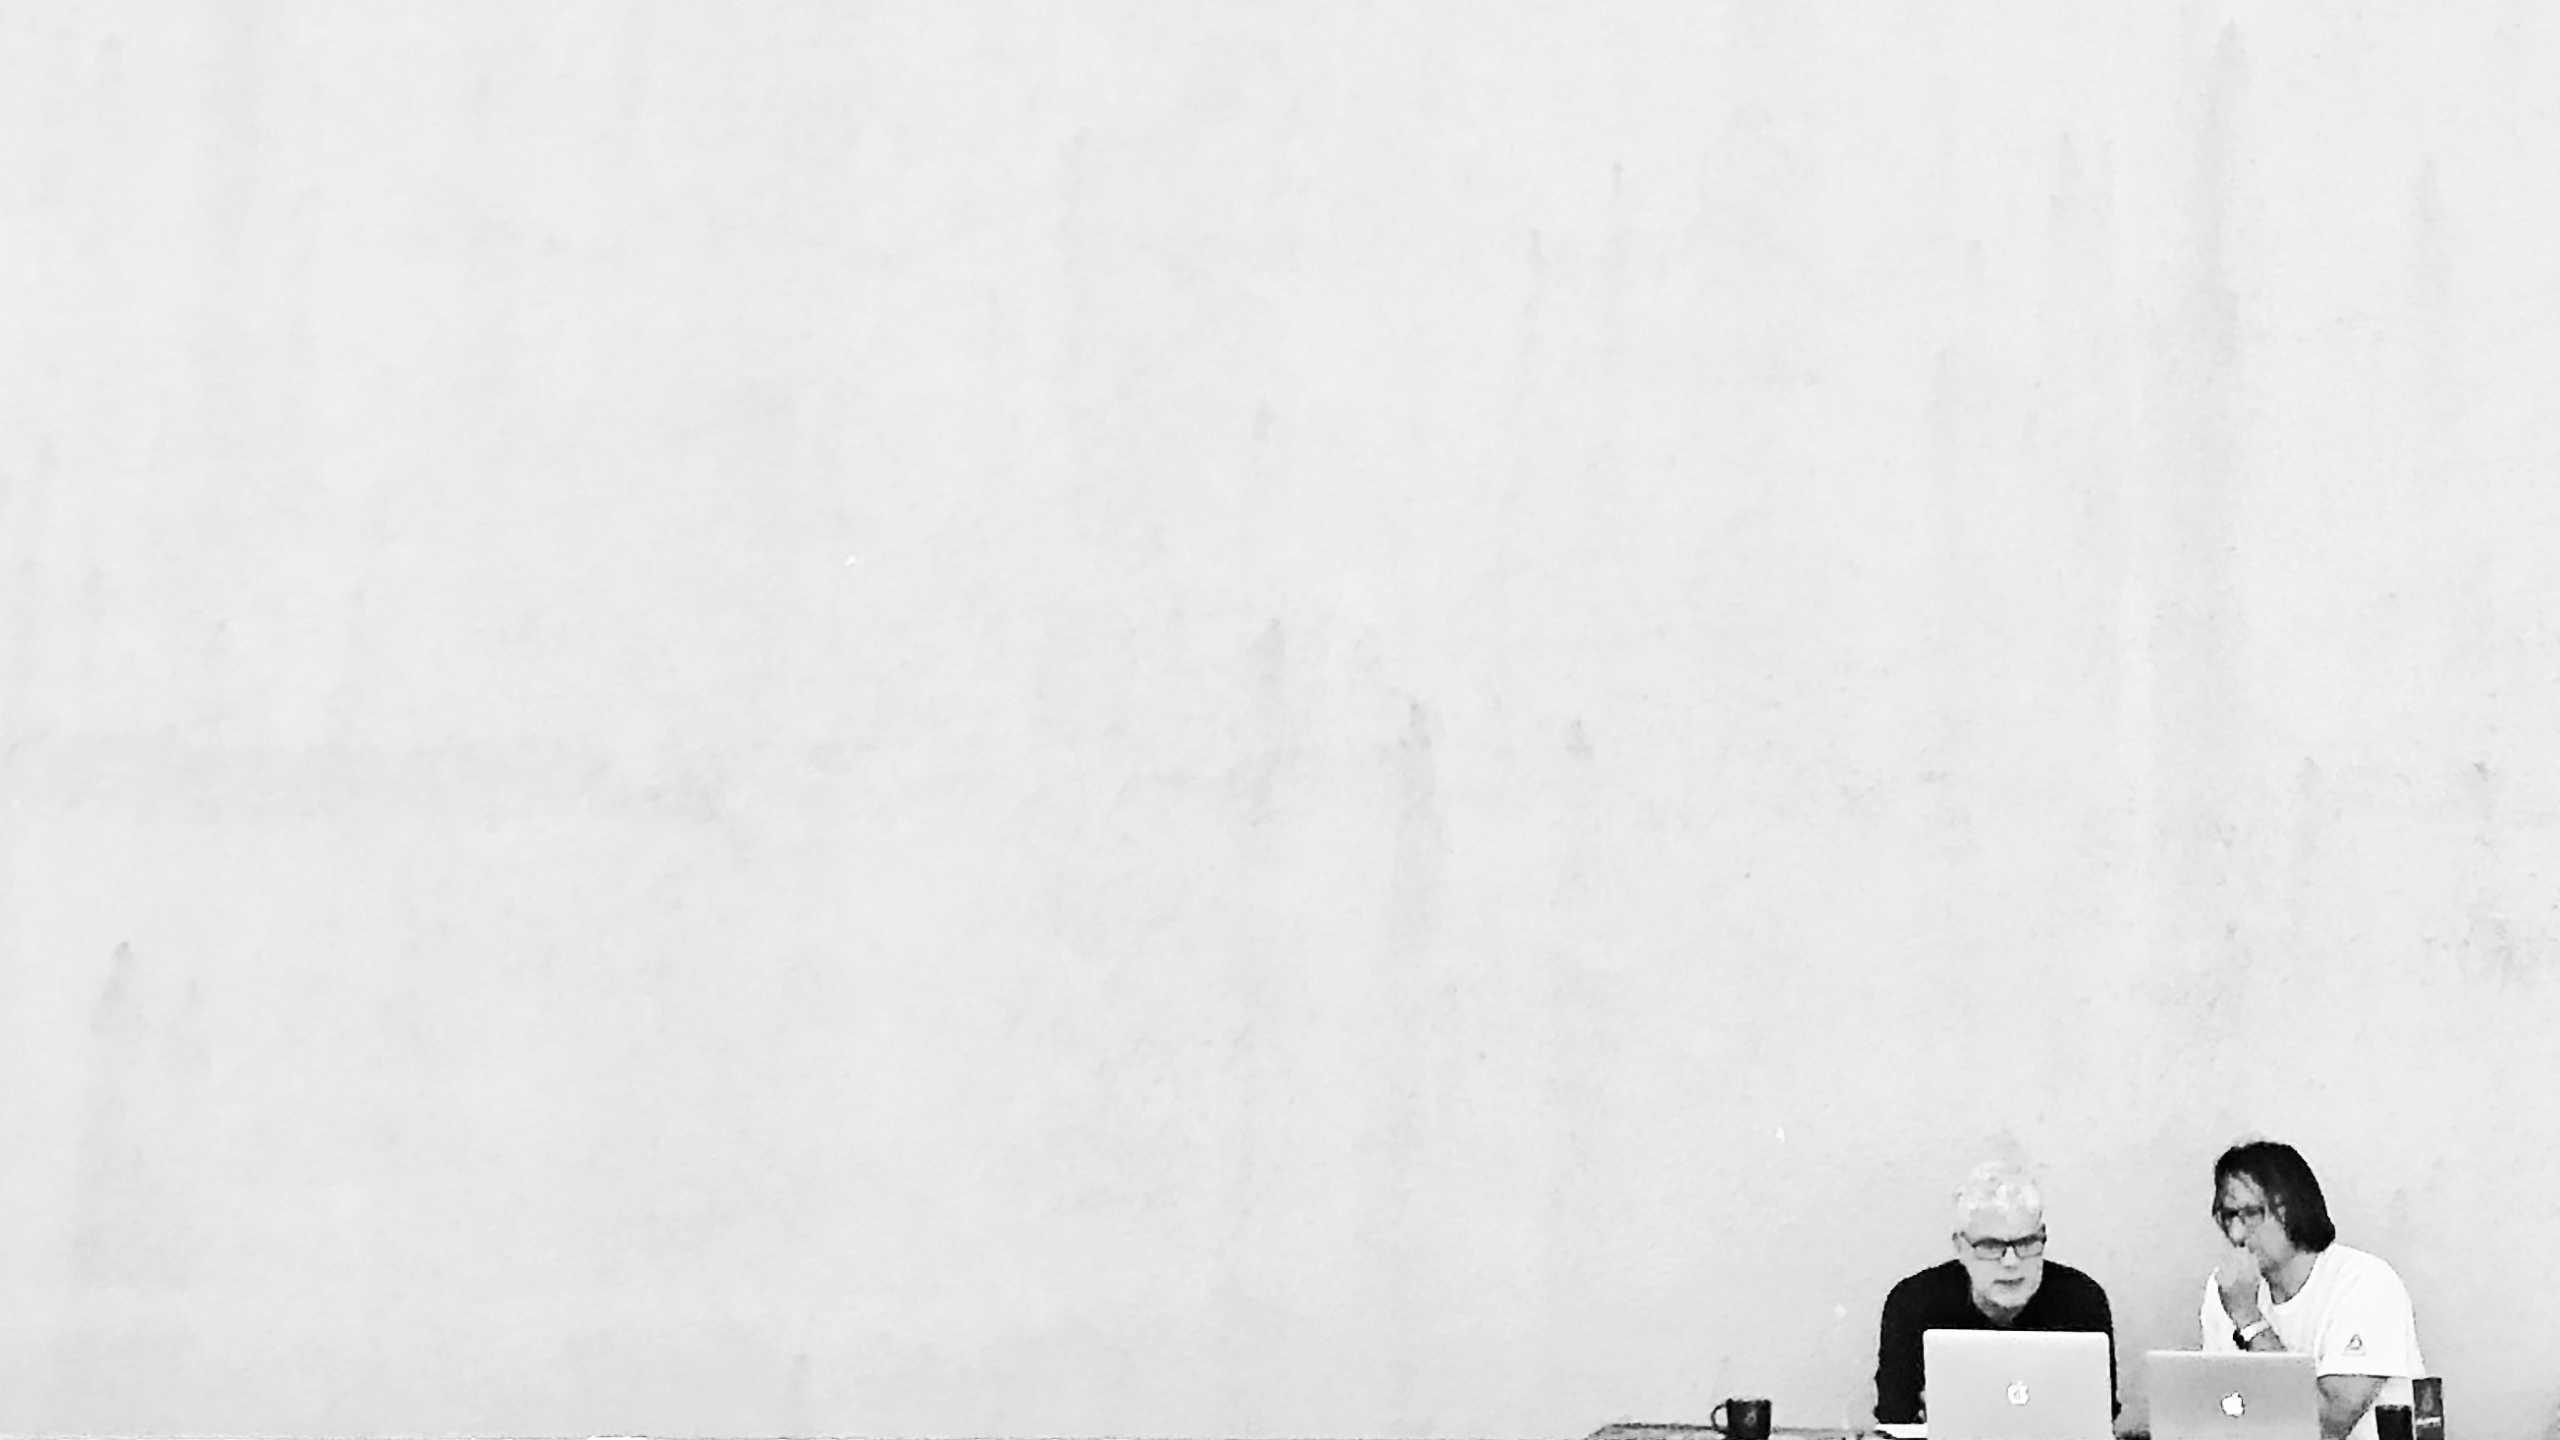 André Kinne auf Deck Kameraden |Johannes Ulrich Gehrke